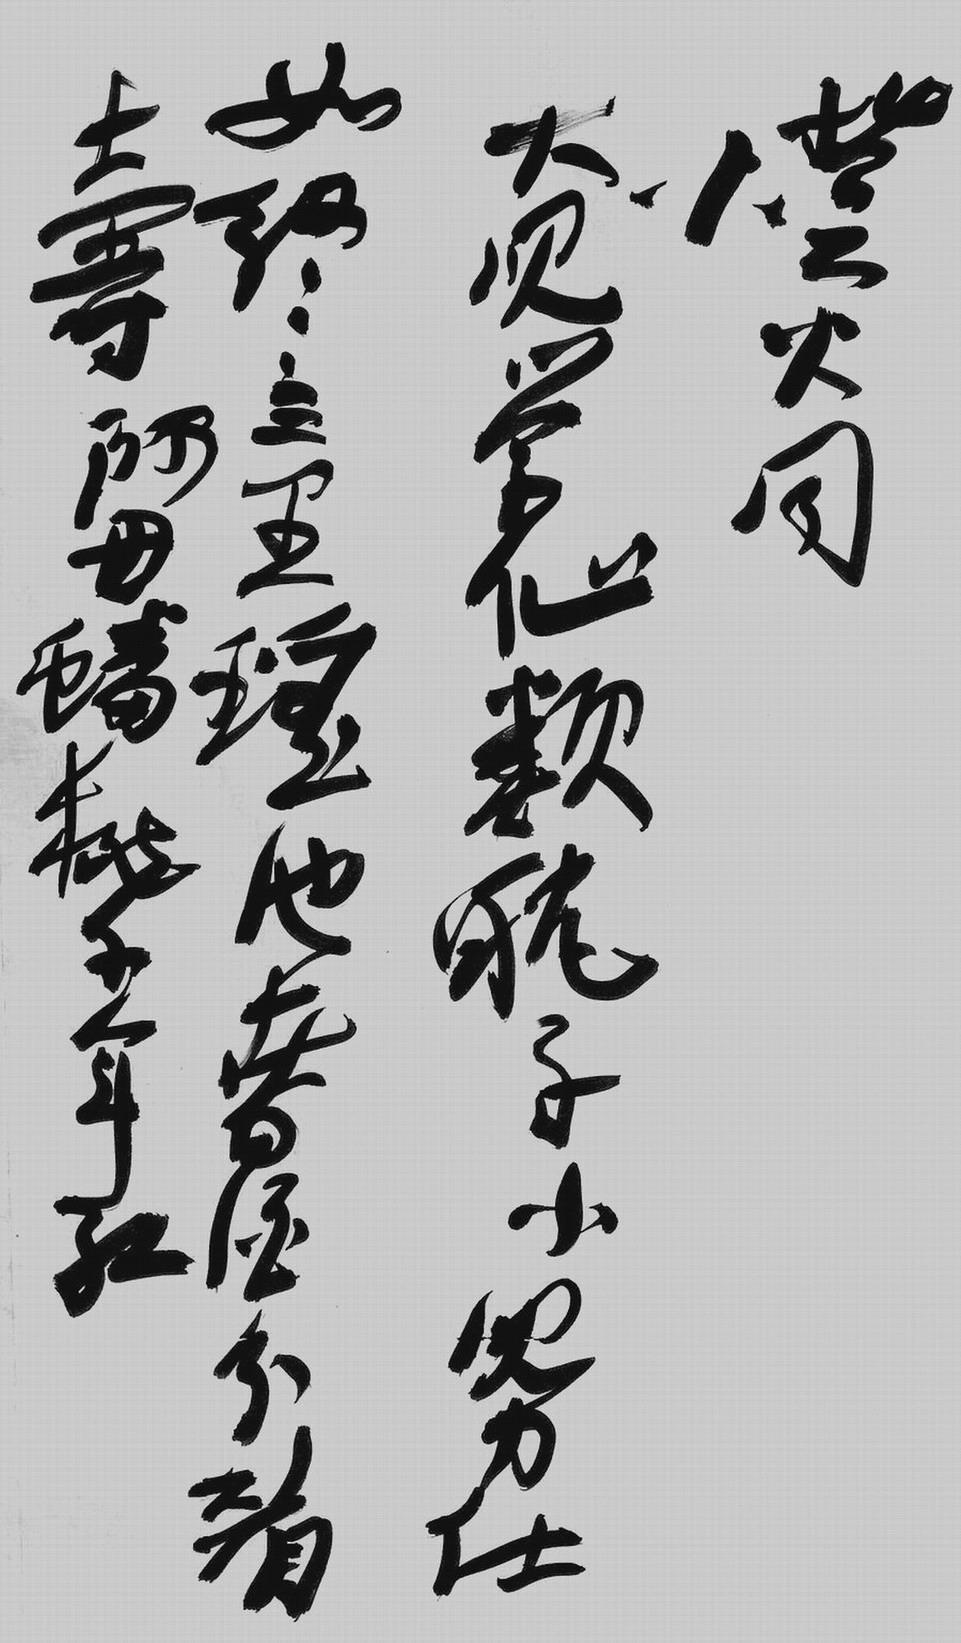 放出去笔画太多了.  -抄米尺牍,中国书法全集上的,翻倒那抄那